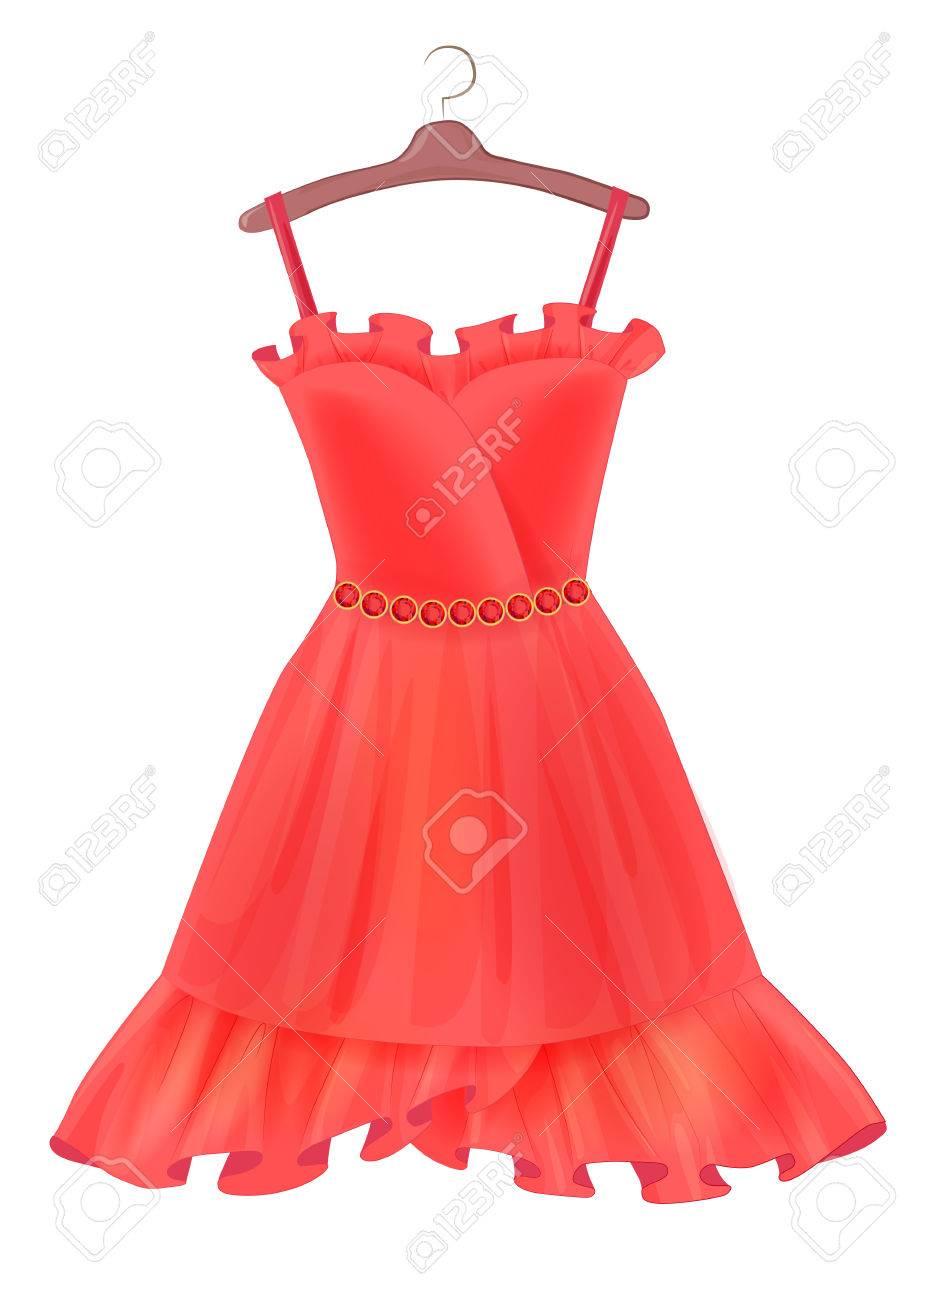 Rotes Kleid. Outfit Für Die Partei. Festliche Frauen Kleidung ...